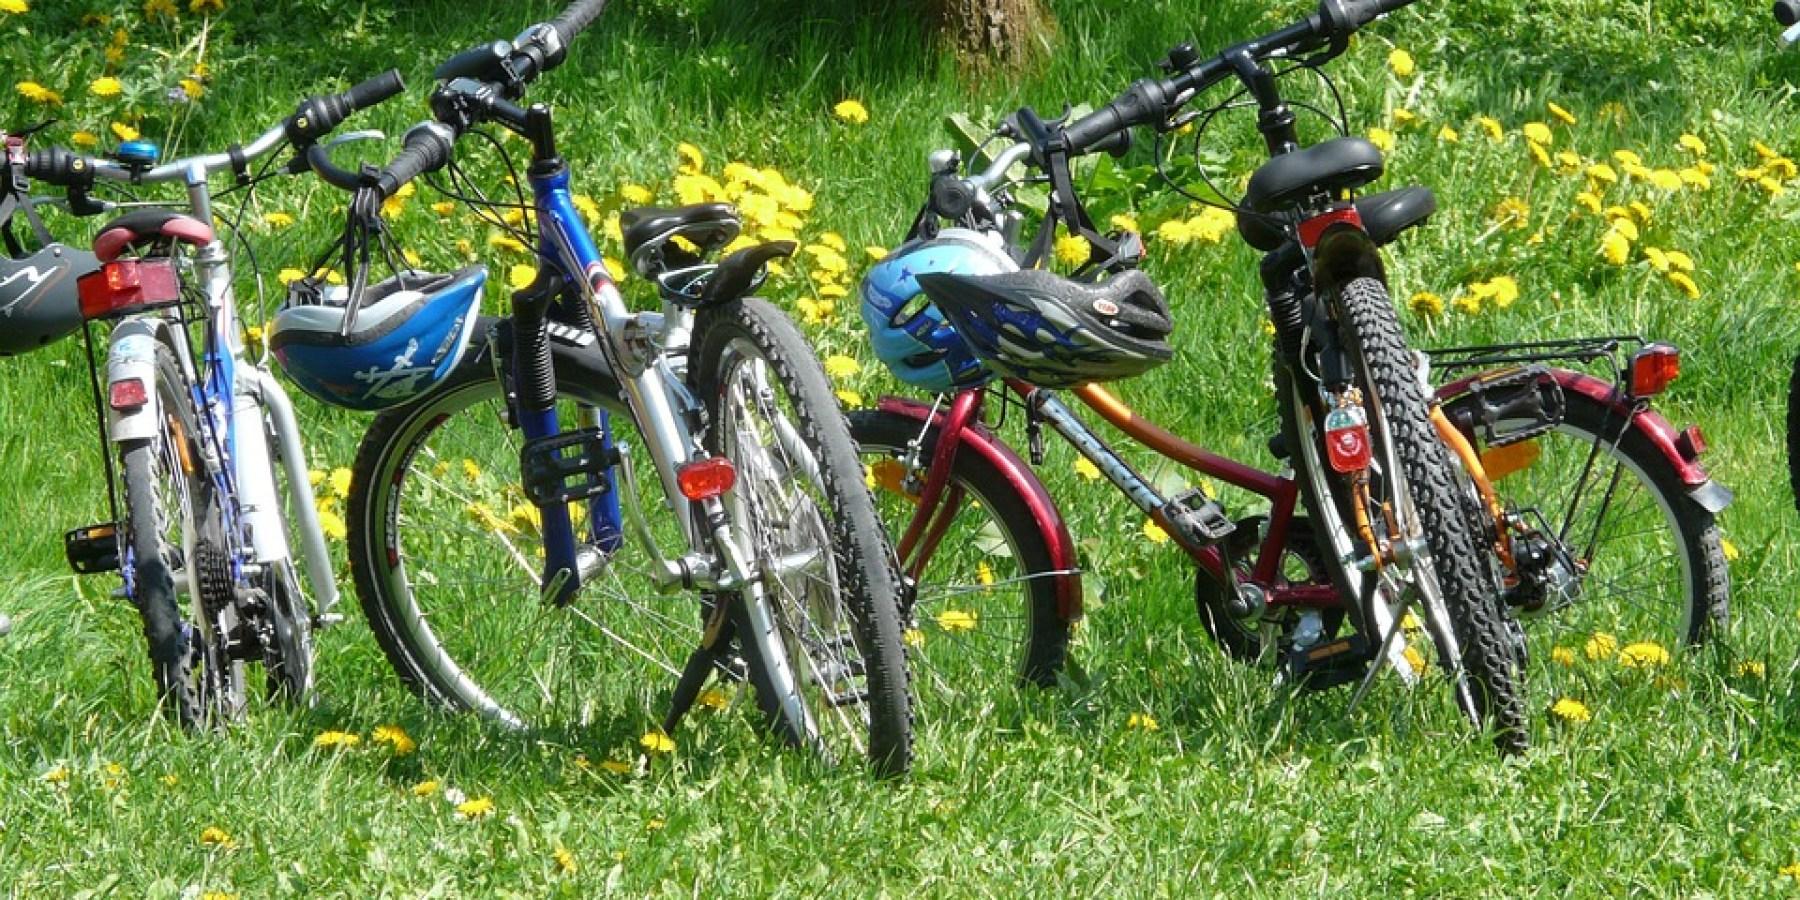 Aufmerksamer Zeuge ruft Polizei – Fahrraddiebe auf frischer Tat gestellt